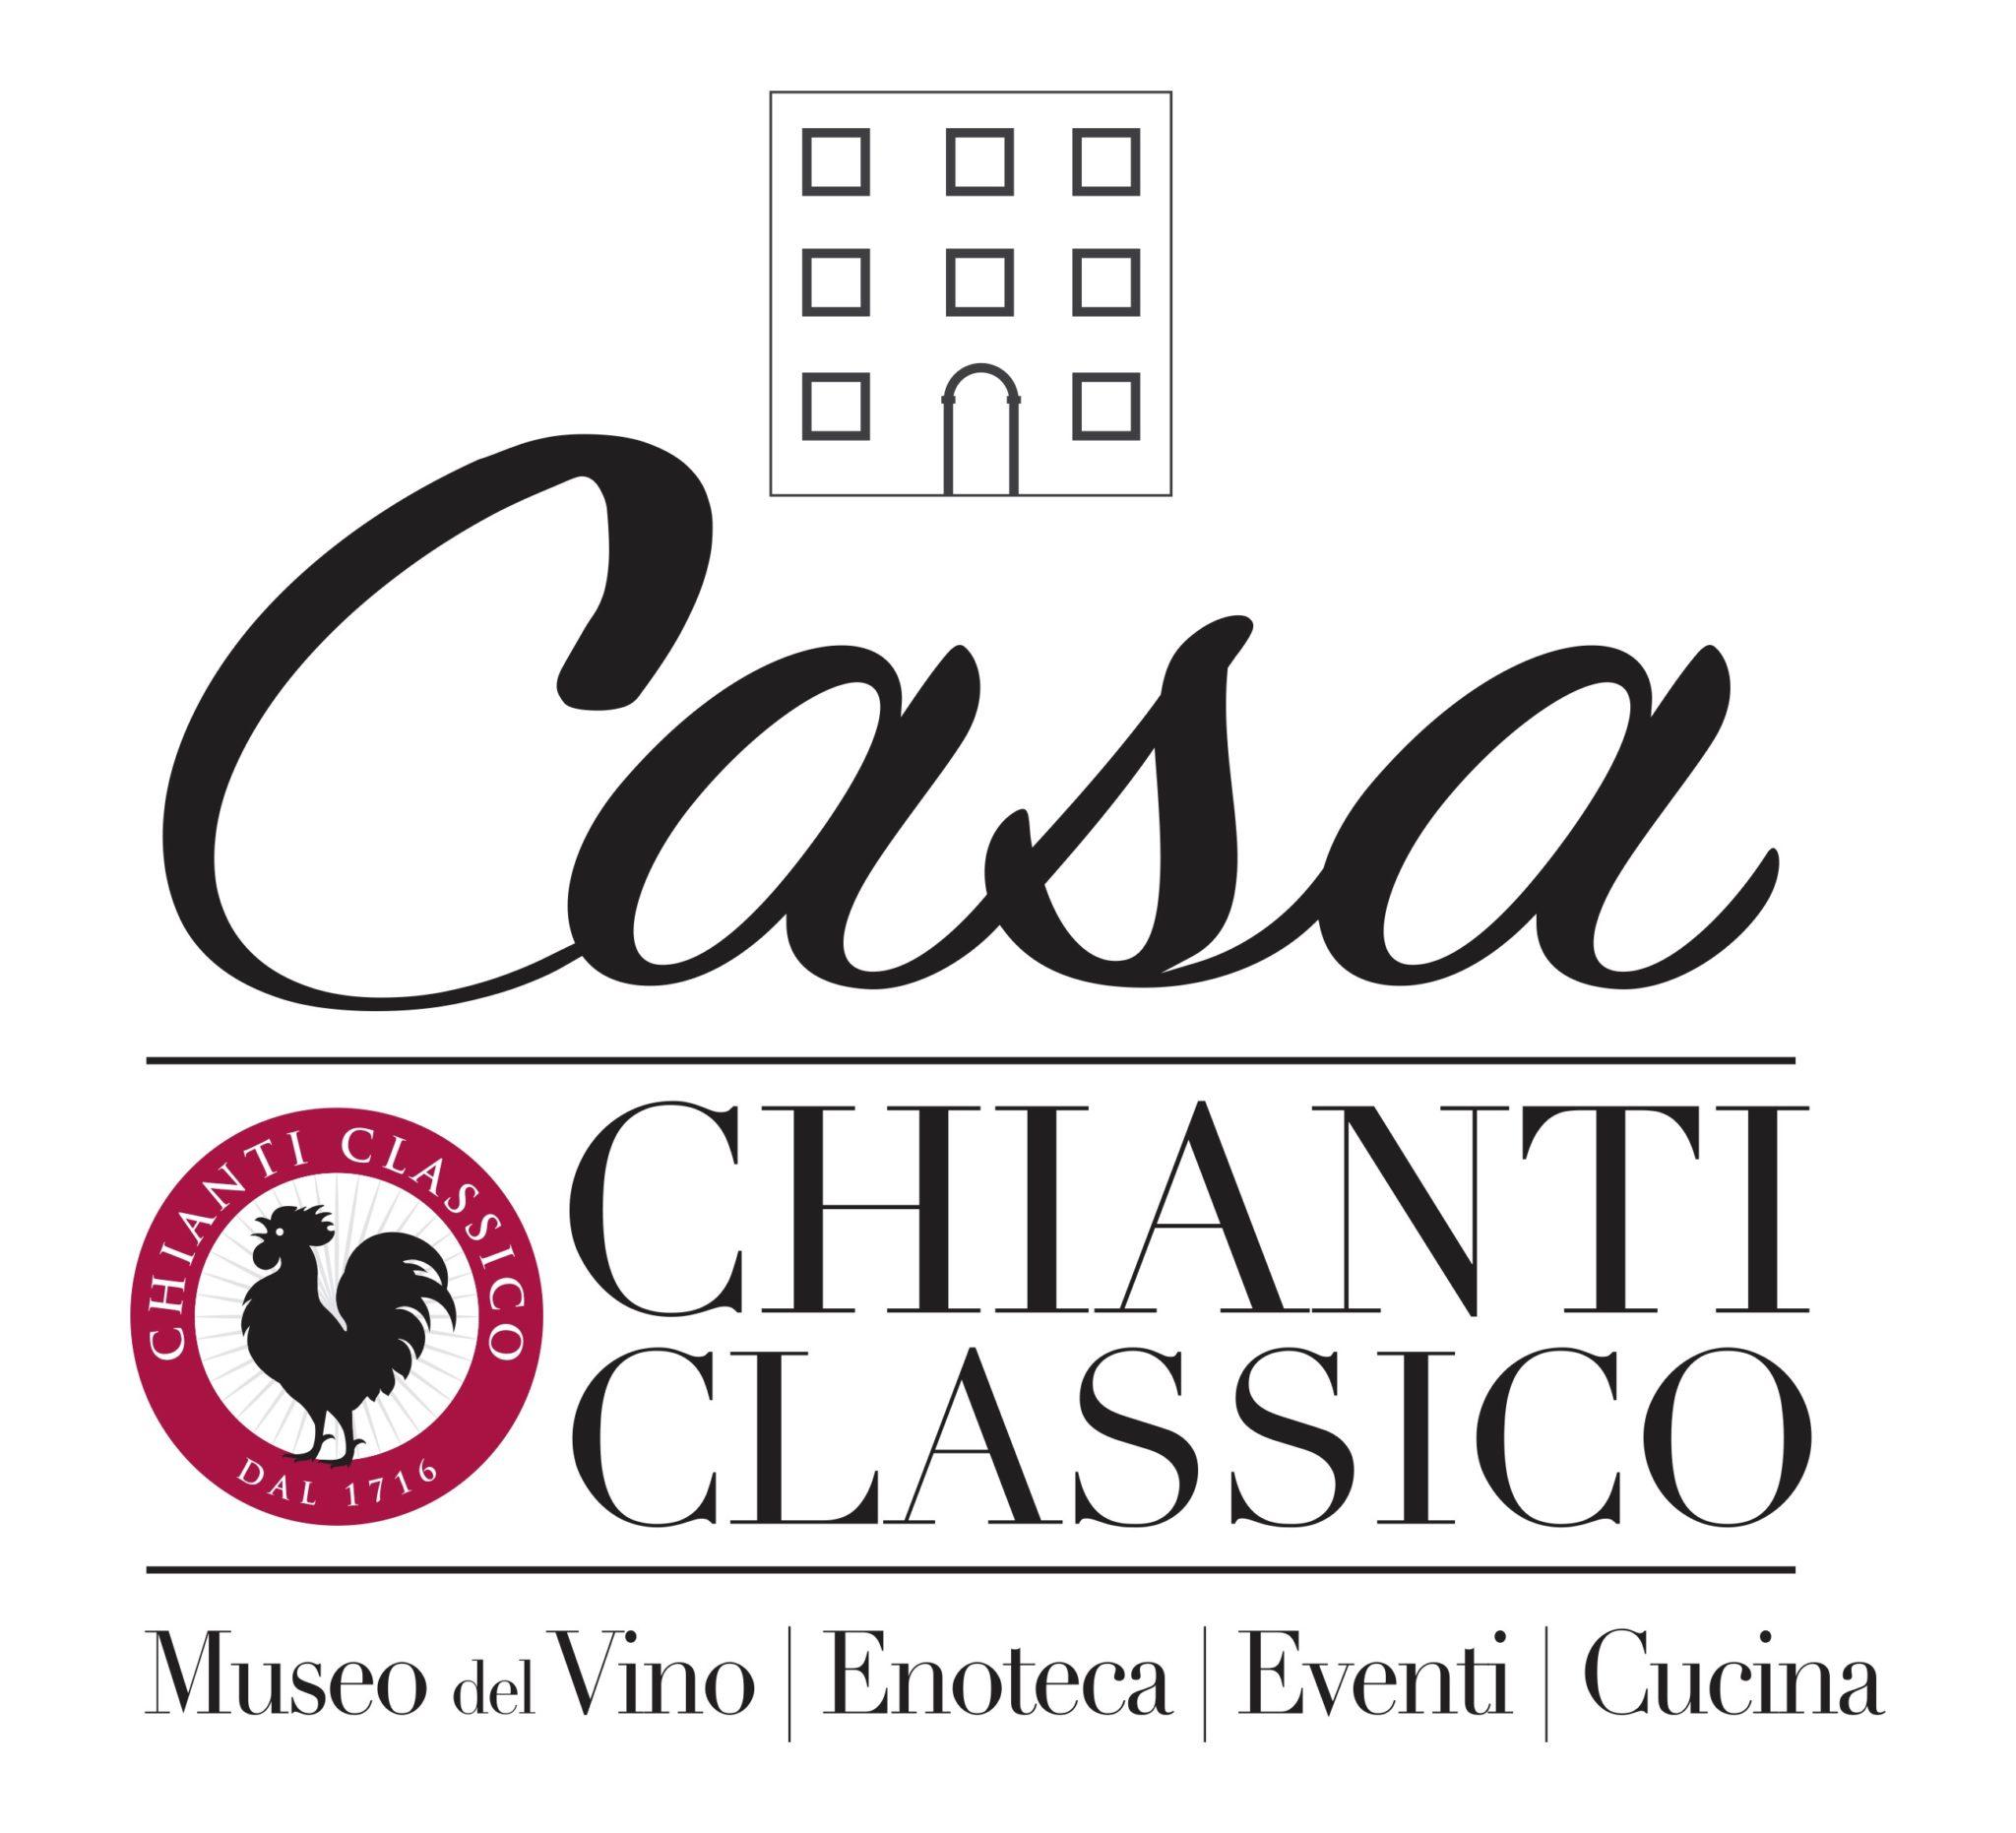 Casa Chianti Classico - Ultra Wine